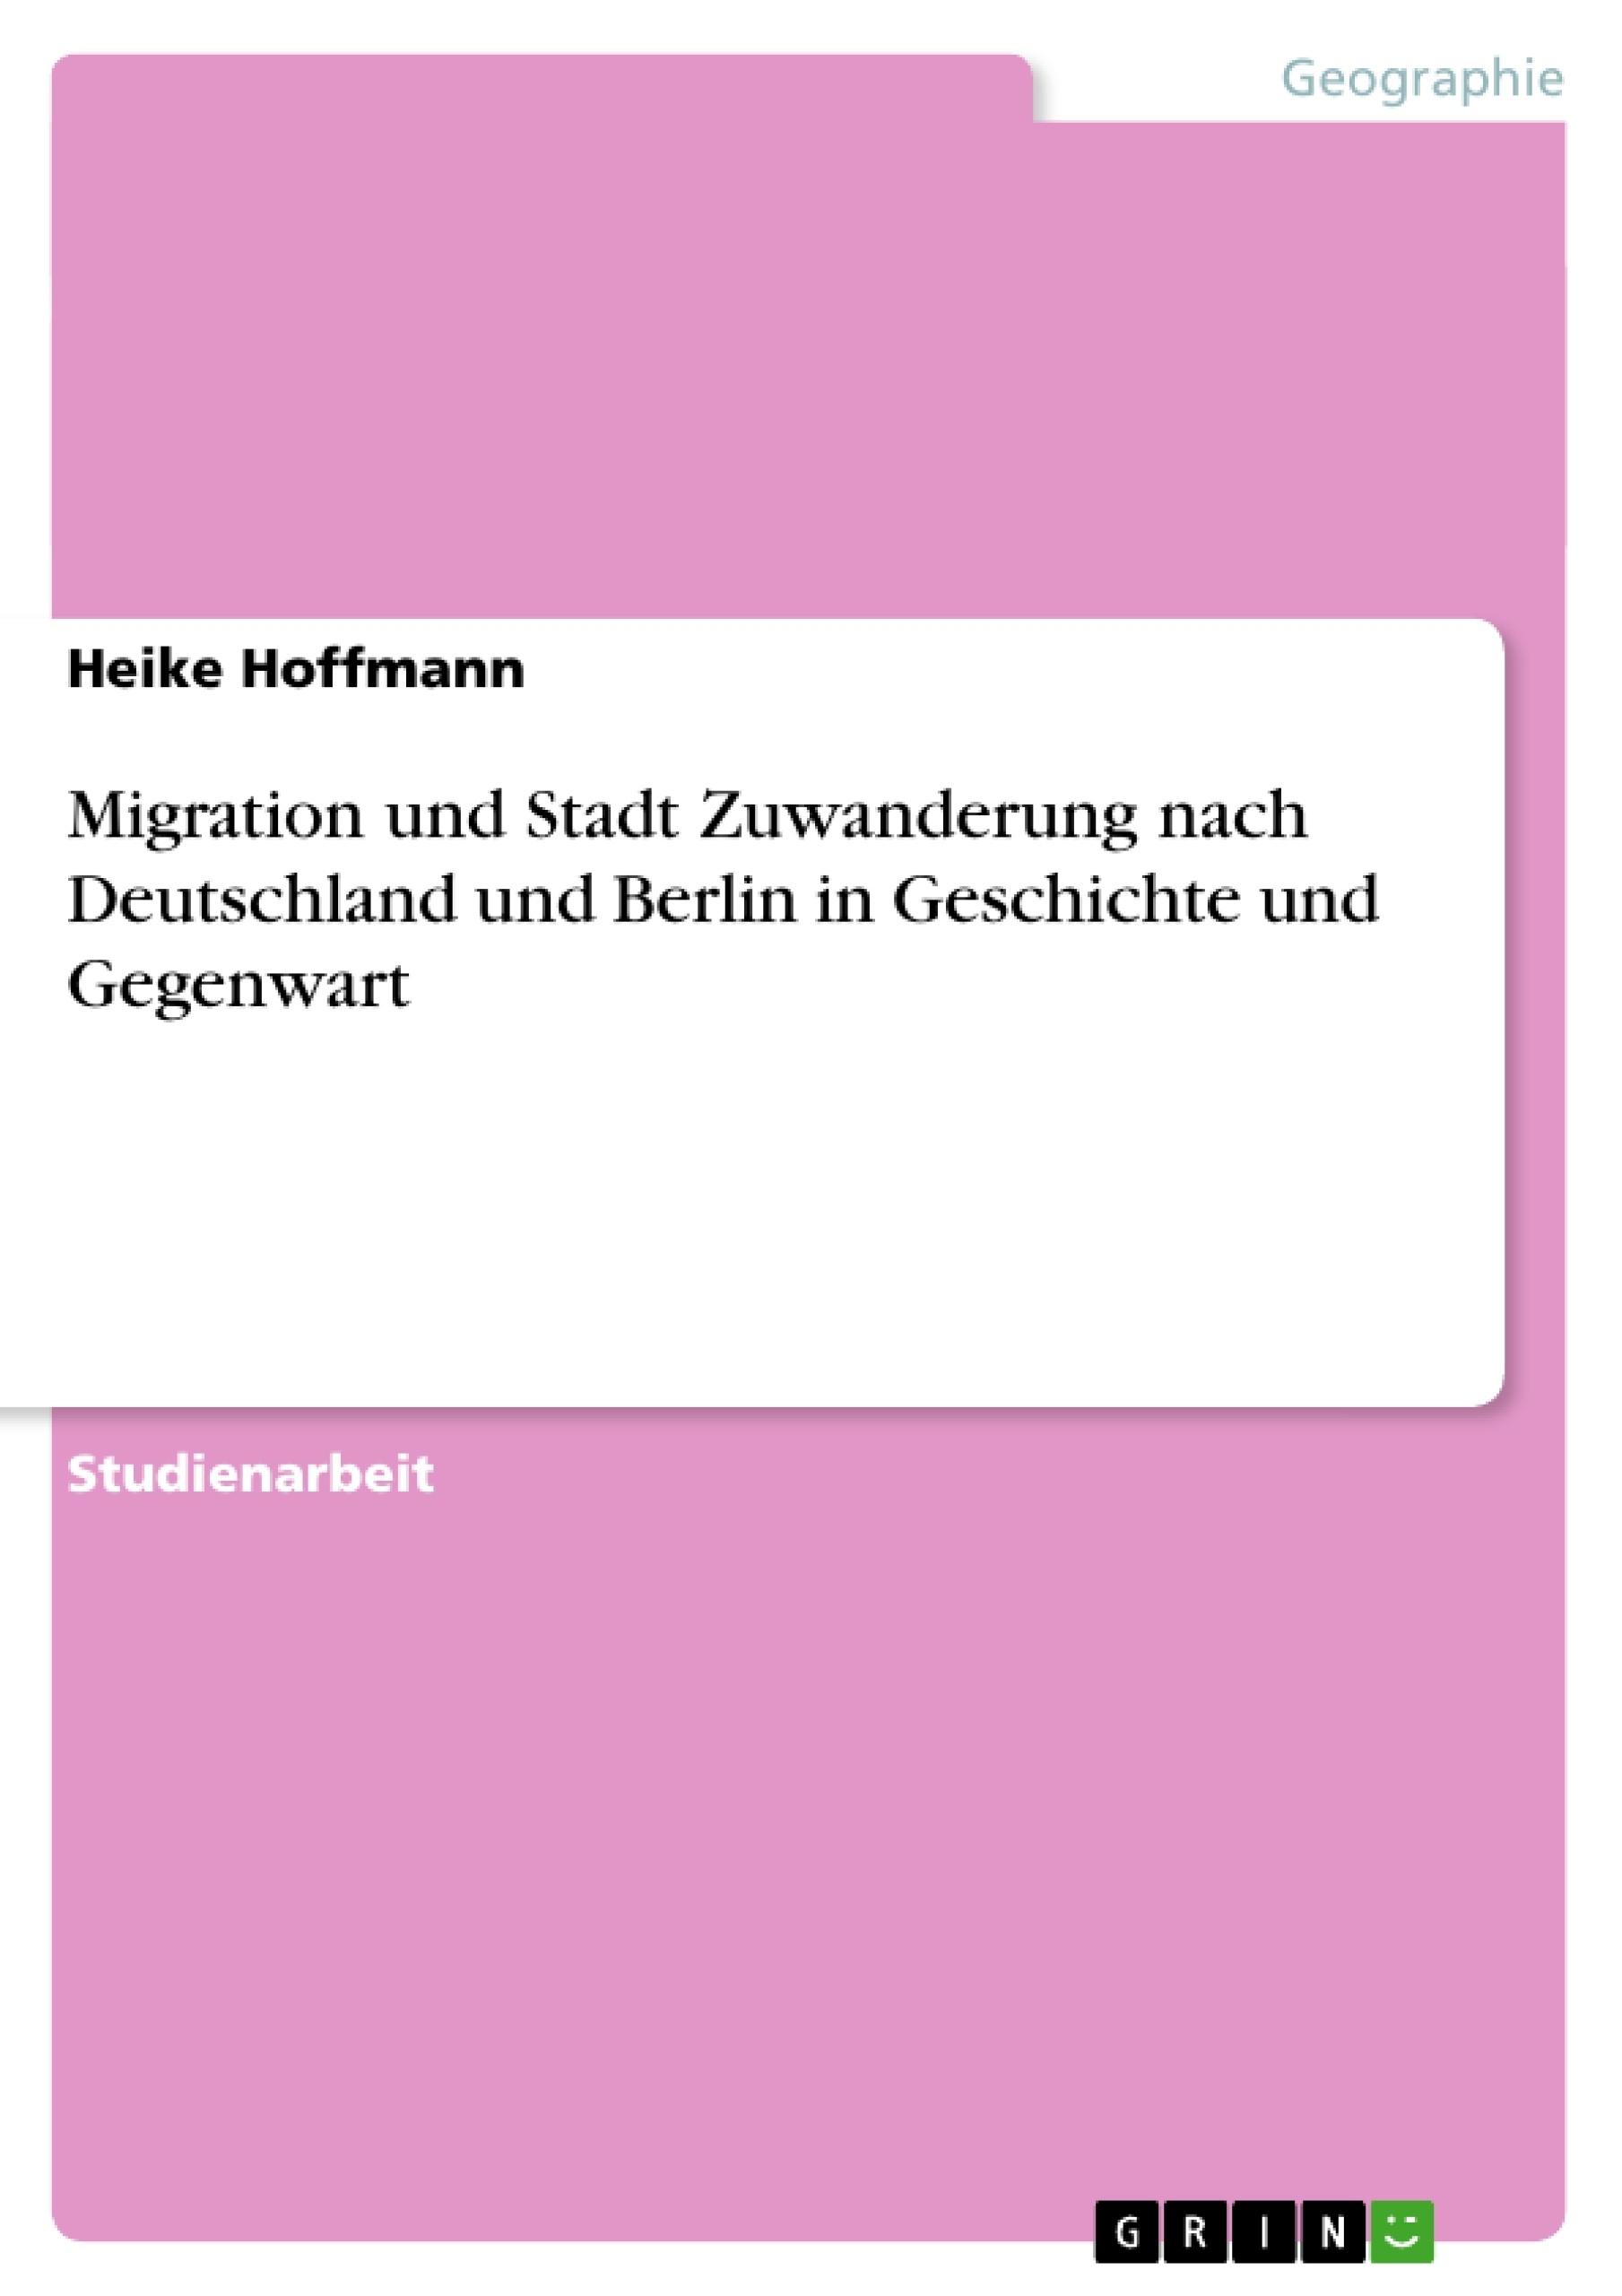 Titel: Migration und Stadt Zuwanderung nach Deutschland und Berlin in Geschichte und Gegenwart